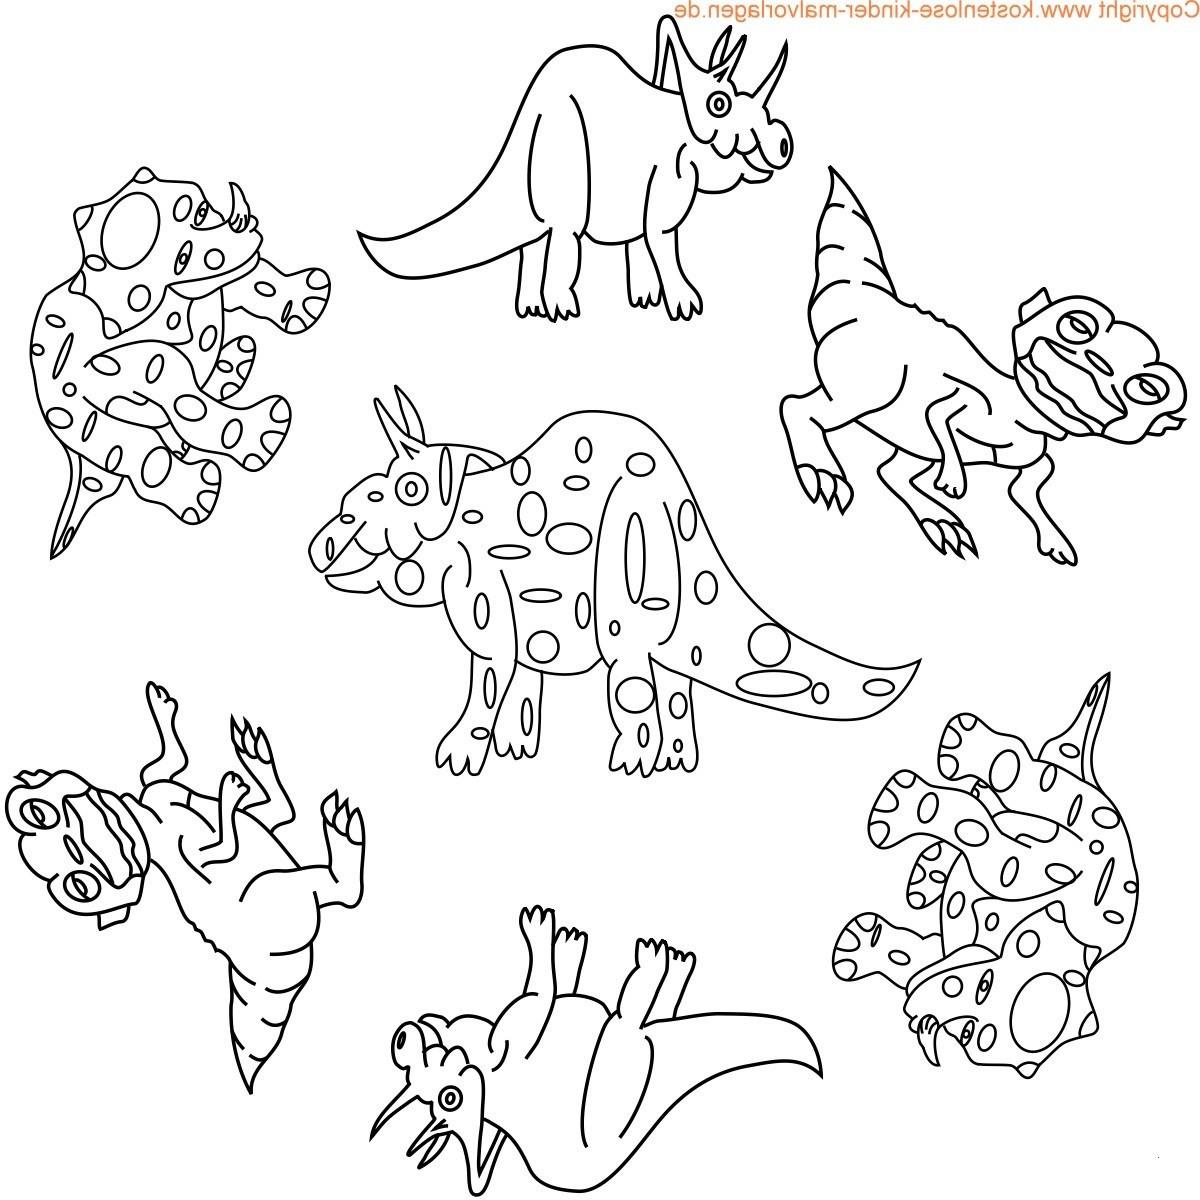 Ausmalbilder Dinosaurier In Einem Land Vor Unserer Zeit Neu 27 Luxus Dinosaurier Ausmalbilder – Malvorlagen Ideen Das Bild